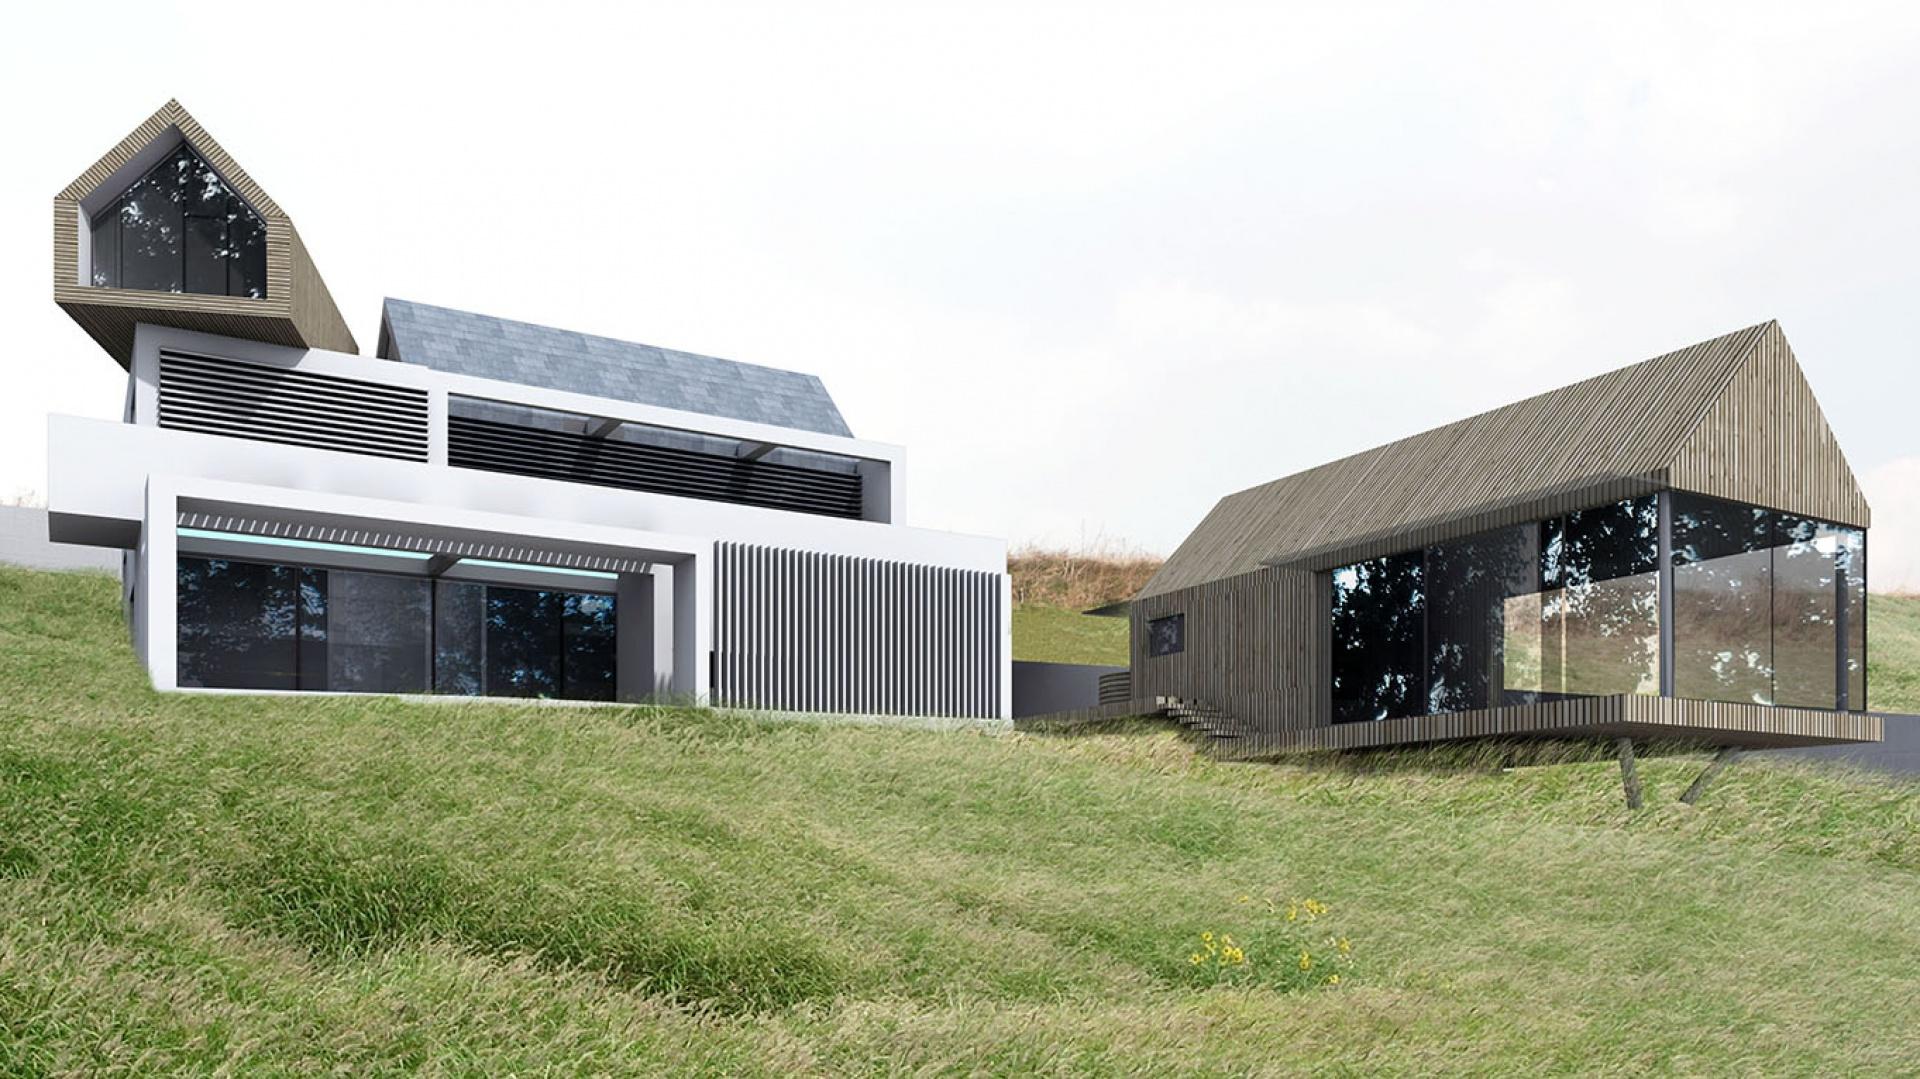 Projekt Dom Podwodny i Stodoła Ćwiczeń to nowoczesna odsłona architektury i pomysłowości studia projektowego BXB Studio Bogusław Barnaś. Dom łączy w sobie design i funkcjonalność. Fot. BXB Studio